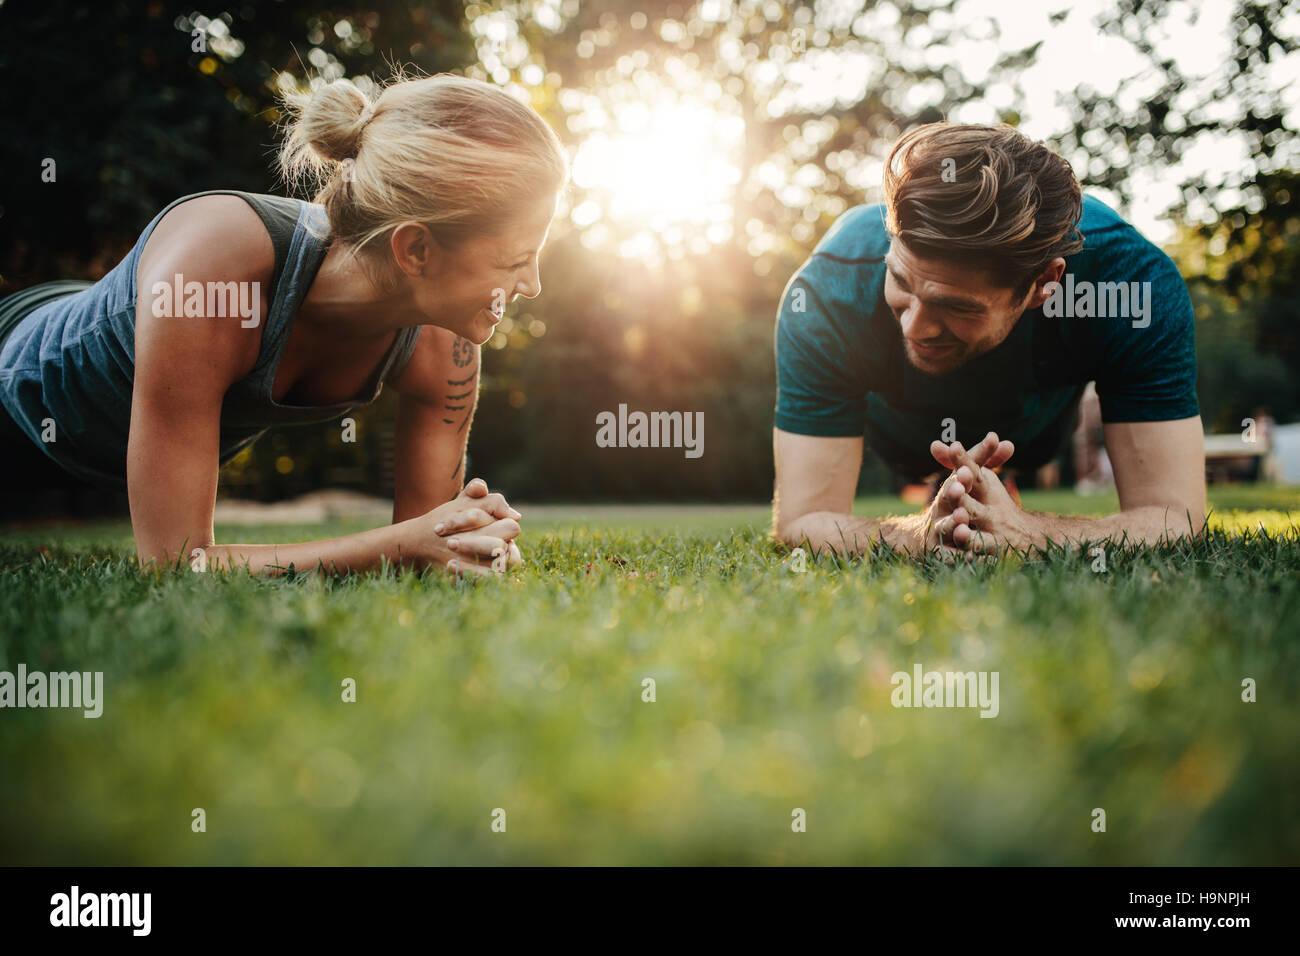 Colocar joven y mujer ejercen en el parque. Sonriente pareja caucásica haciendo ejercicios básicos sobre Imagen De Stock